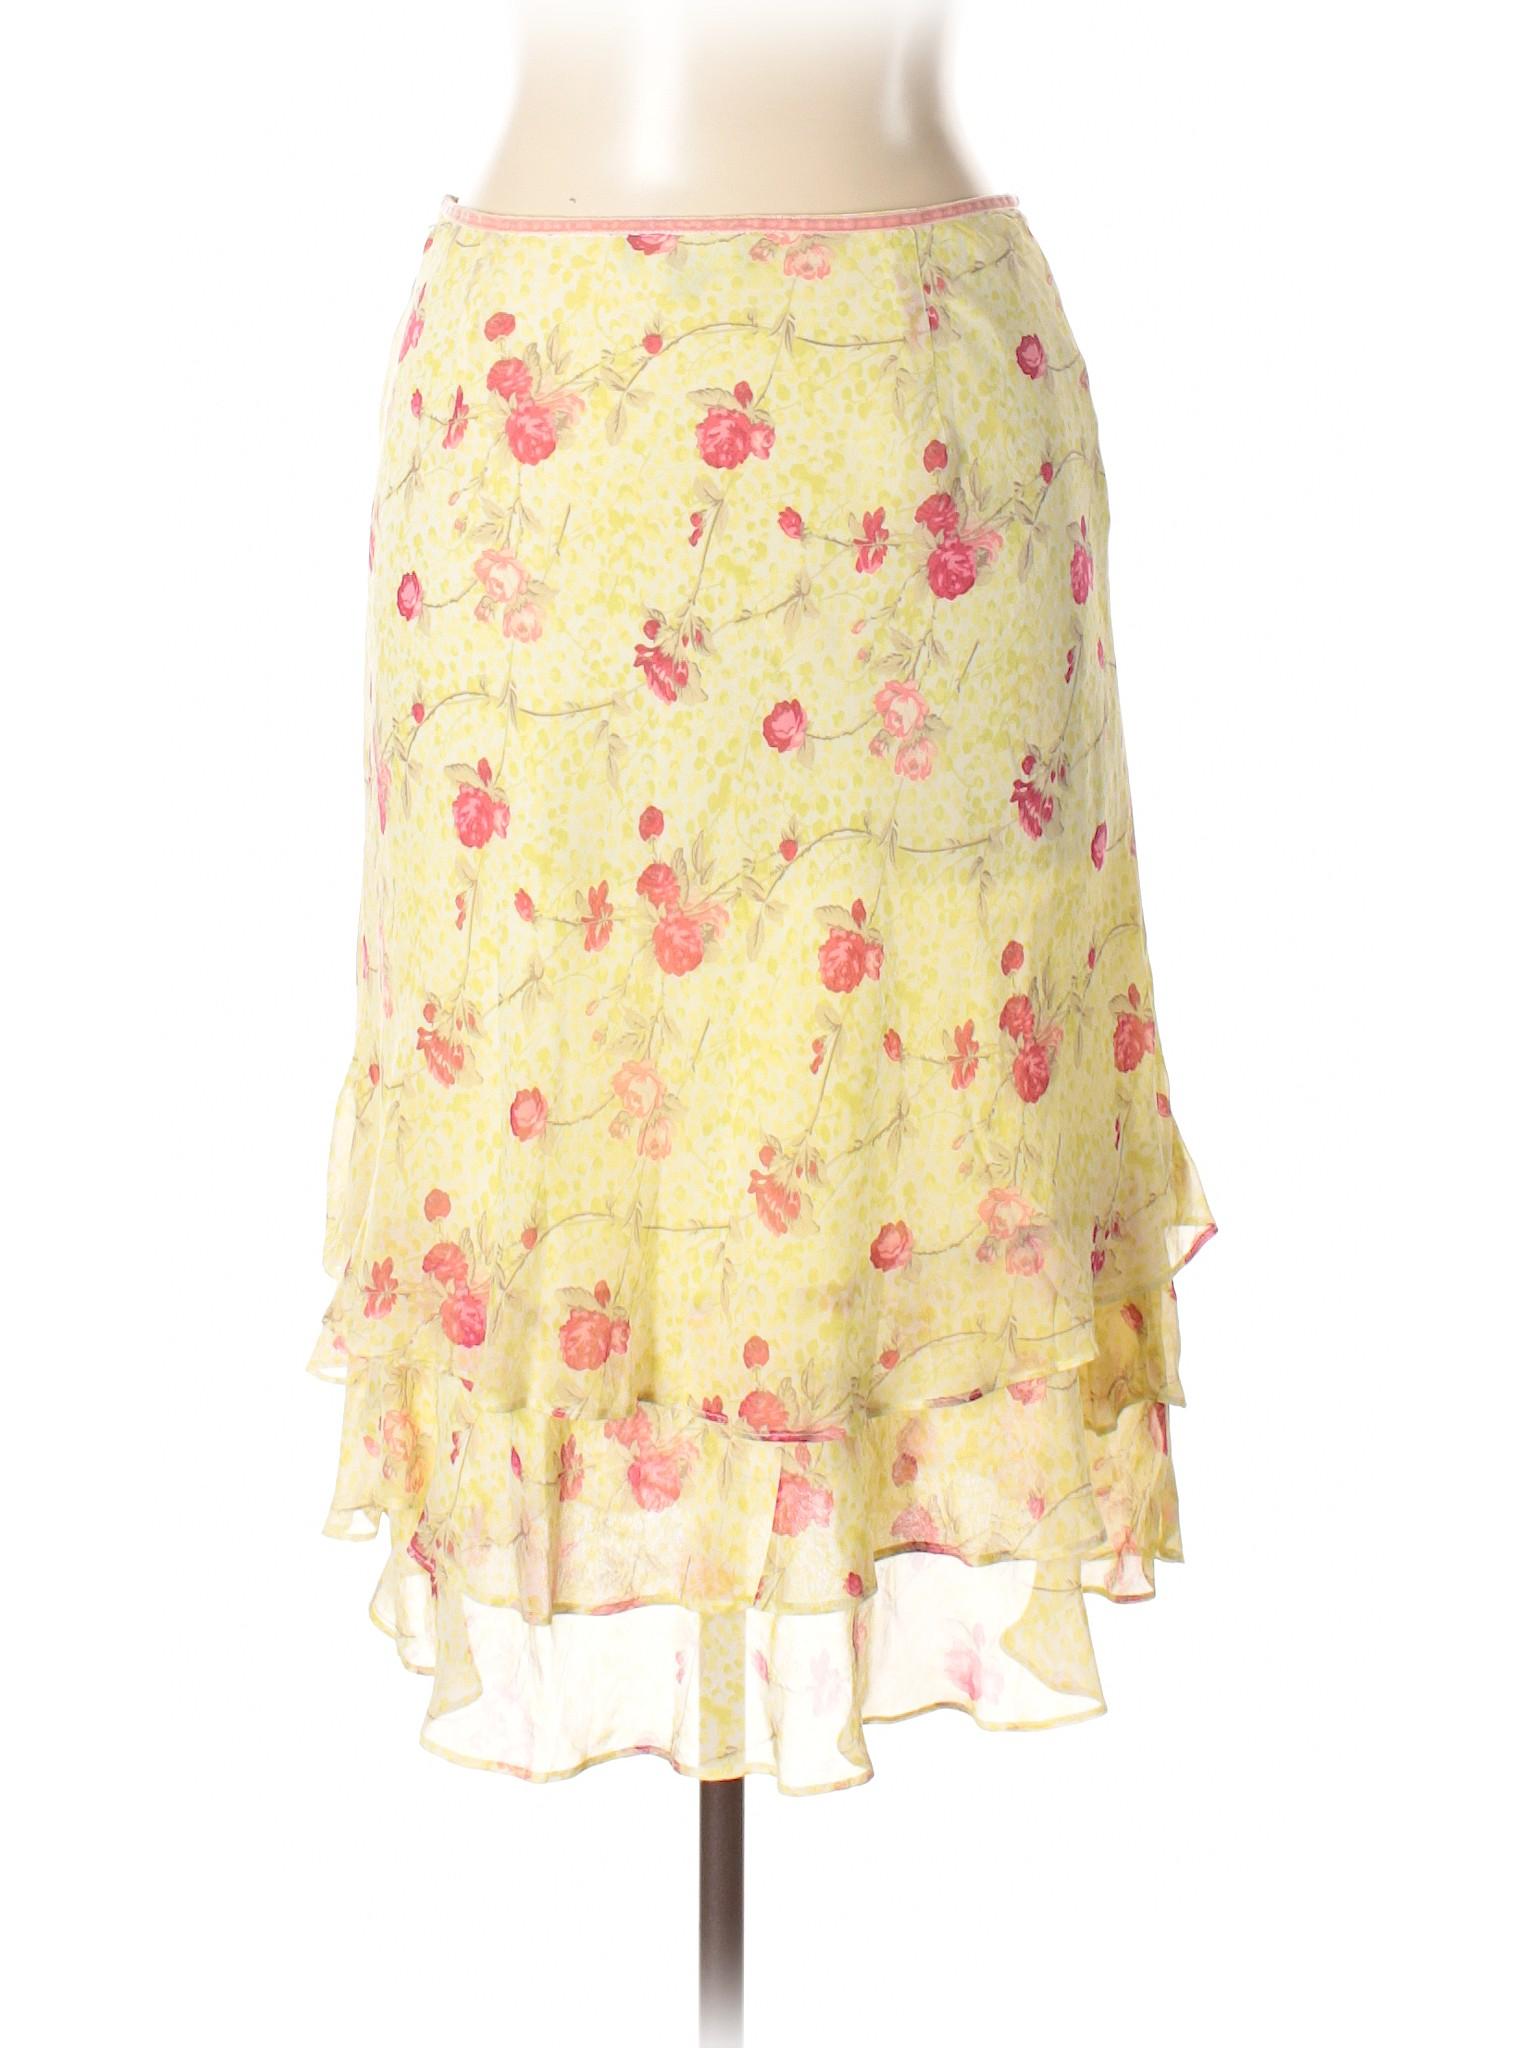 Silk Skirt Ann Taylor winter Leisure qAOHFvpF